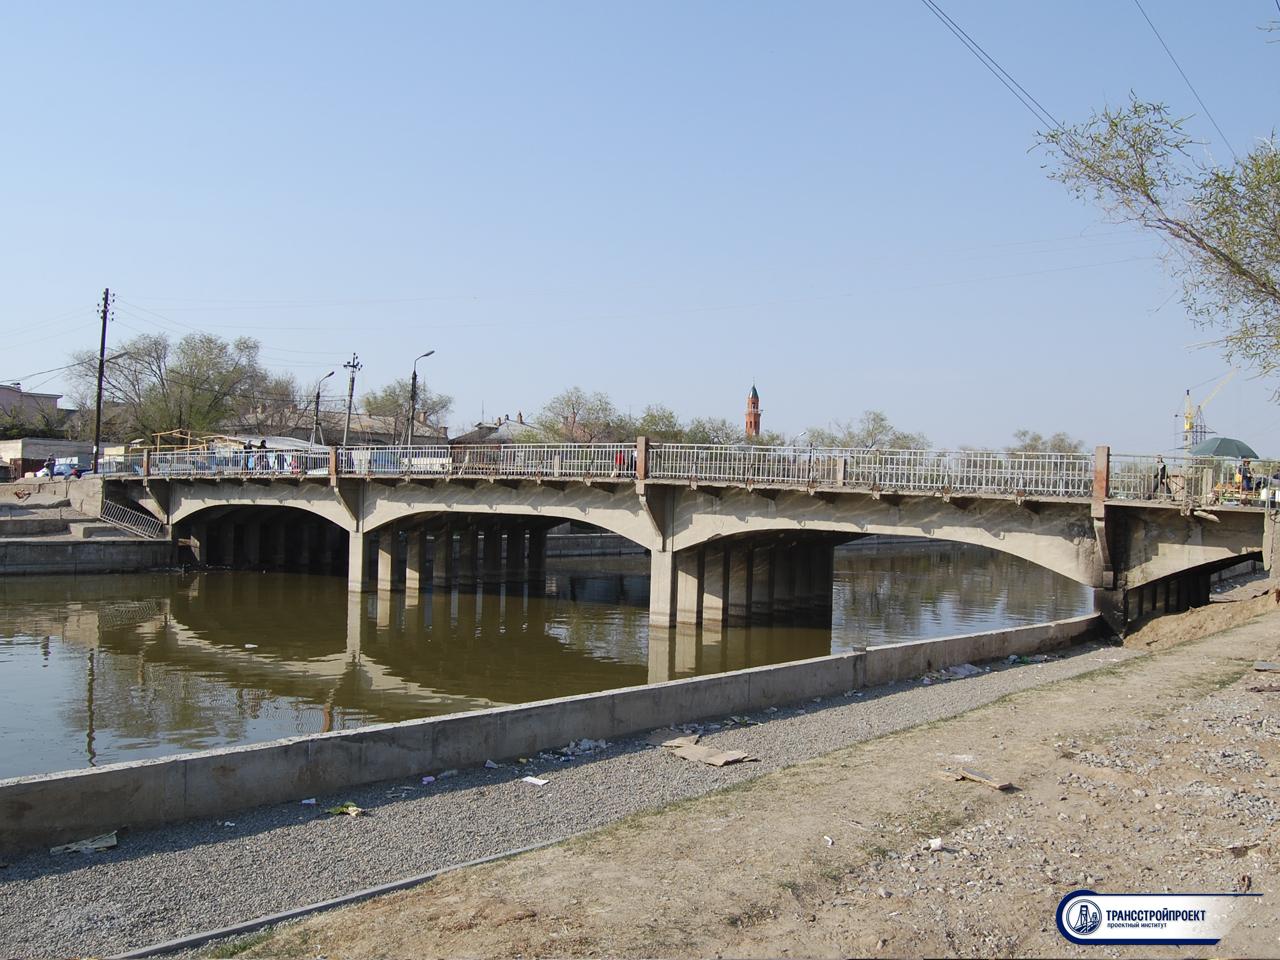 Ямгурчевский мост в Астрахни